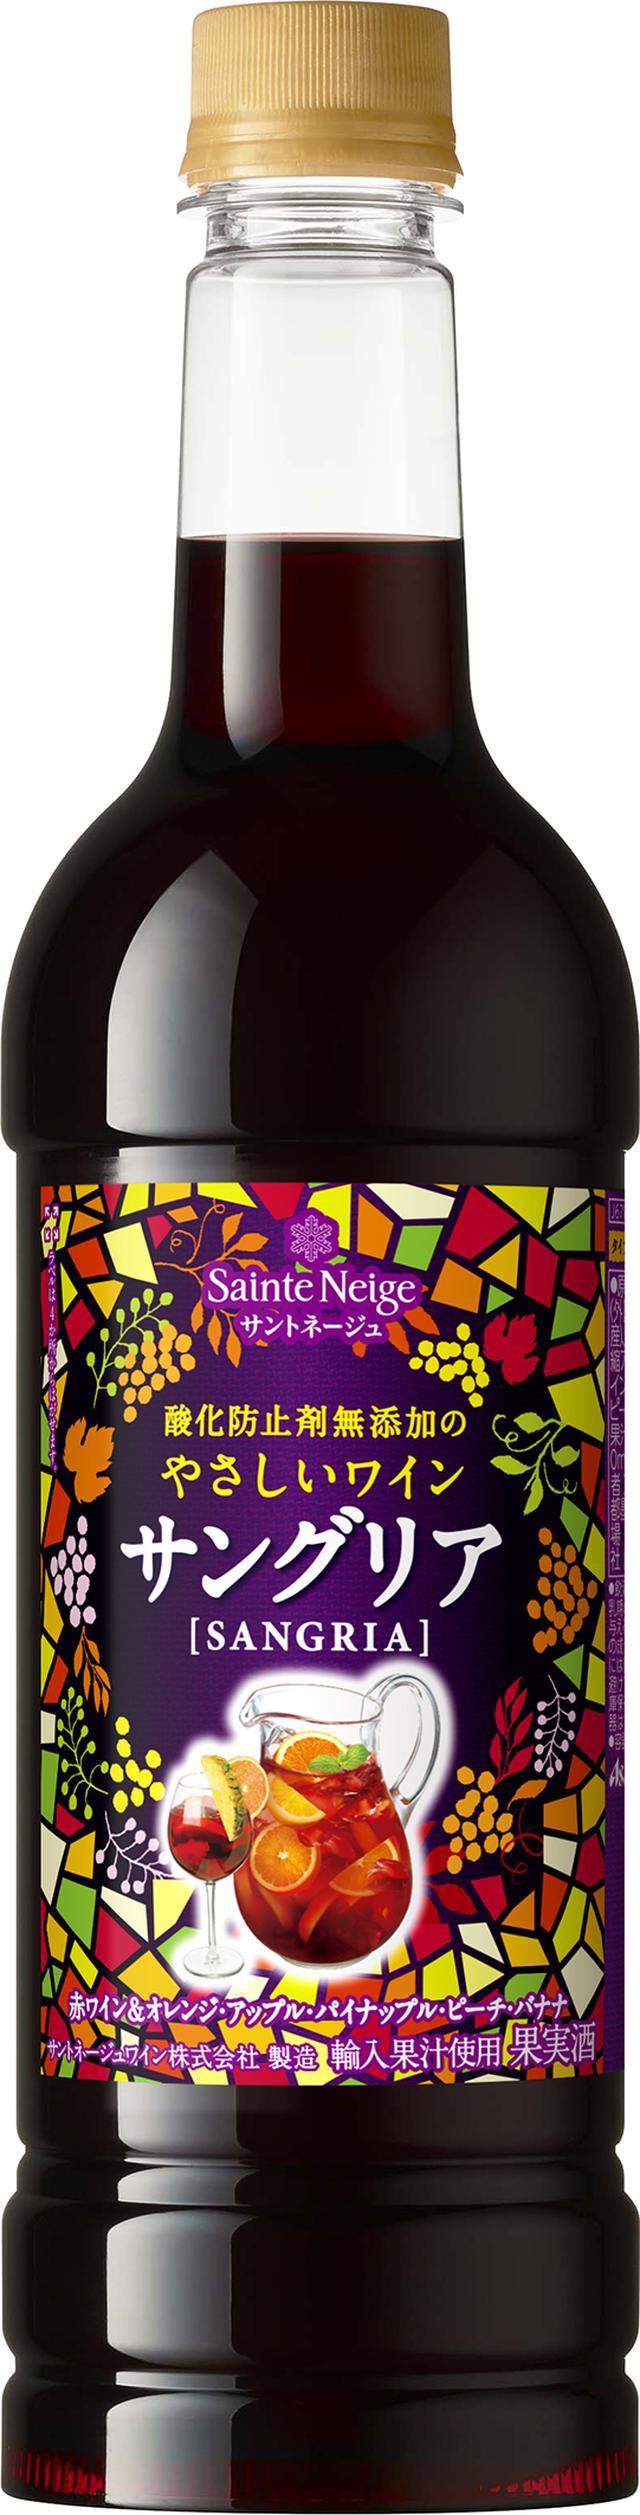 酸化 防止 剤 ワイン